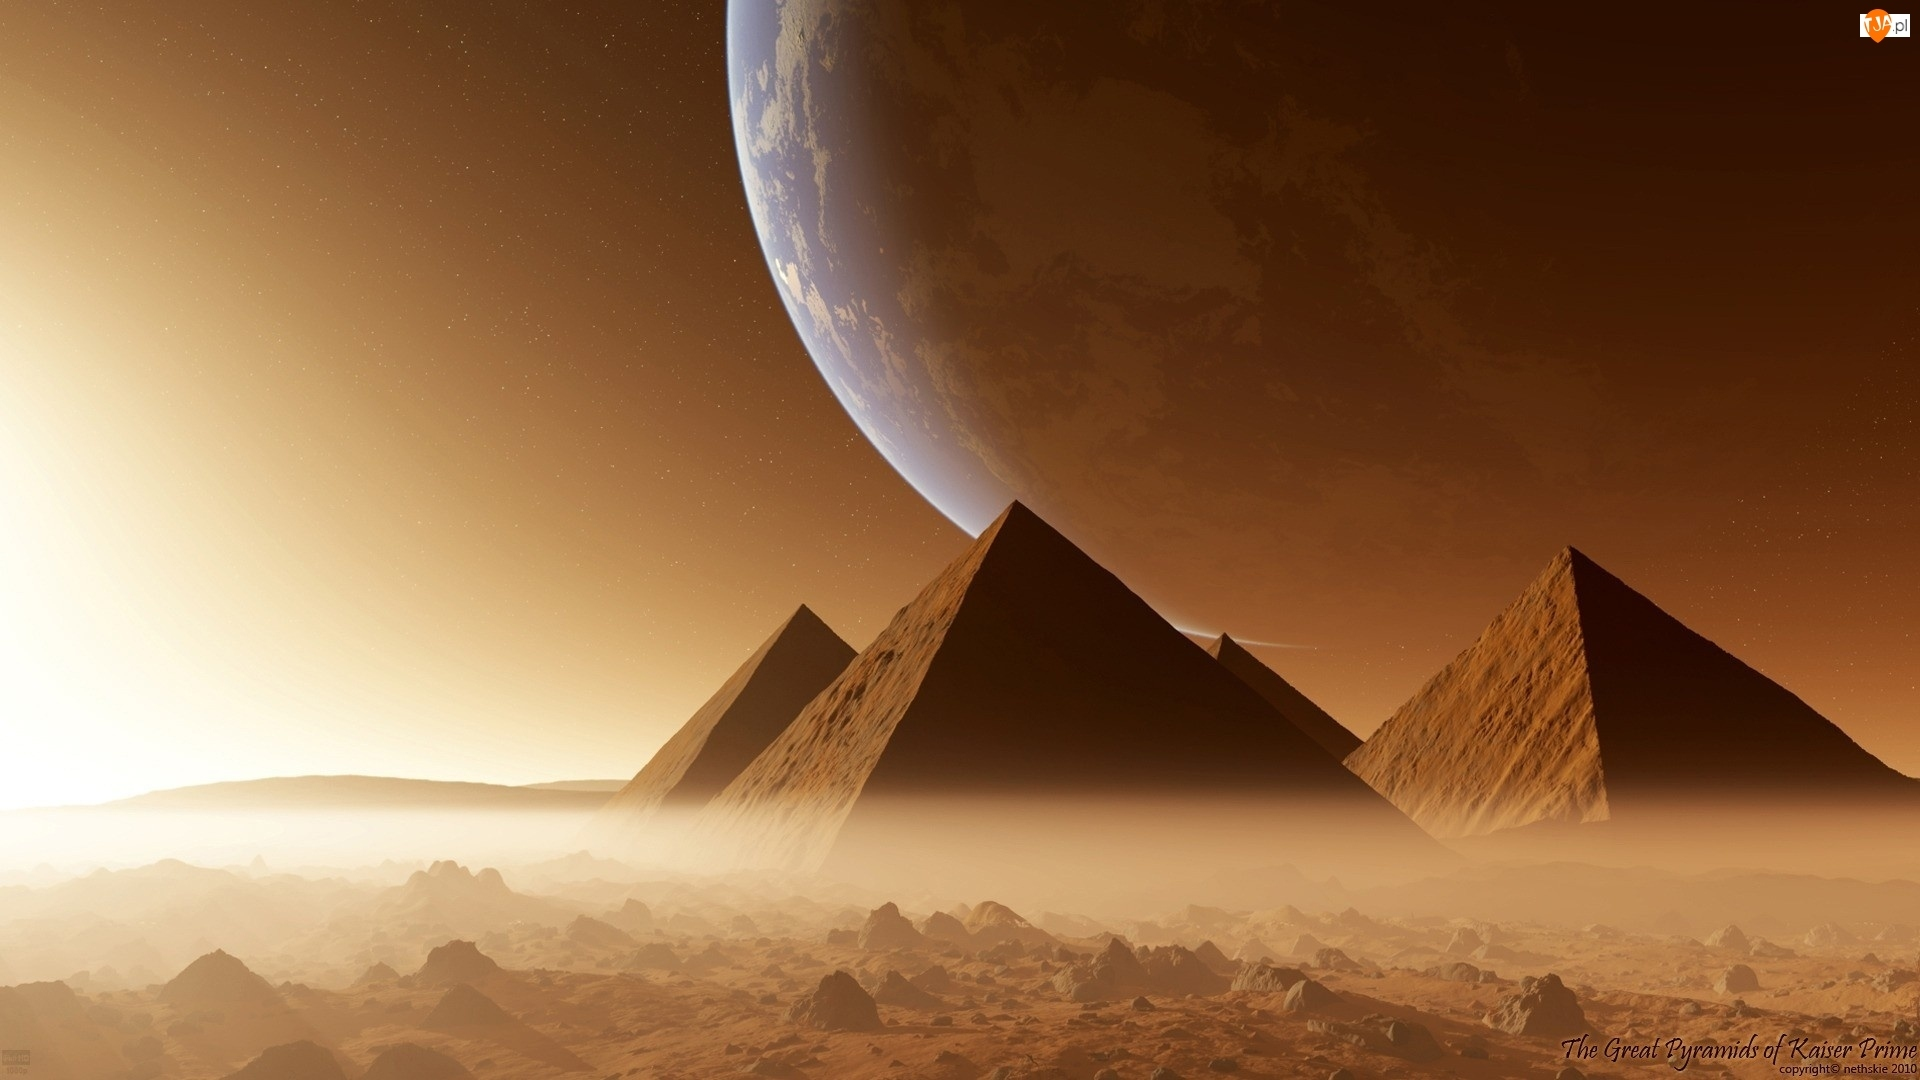 Księżyc, Fantasy, Piramidy